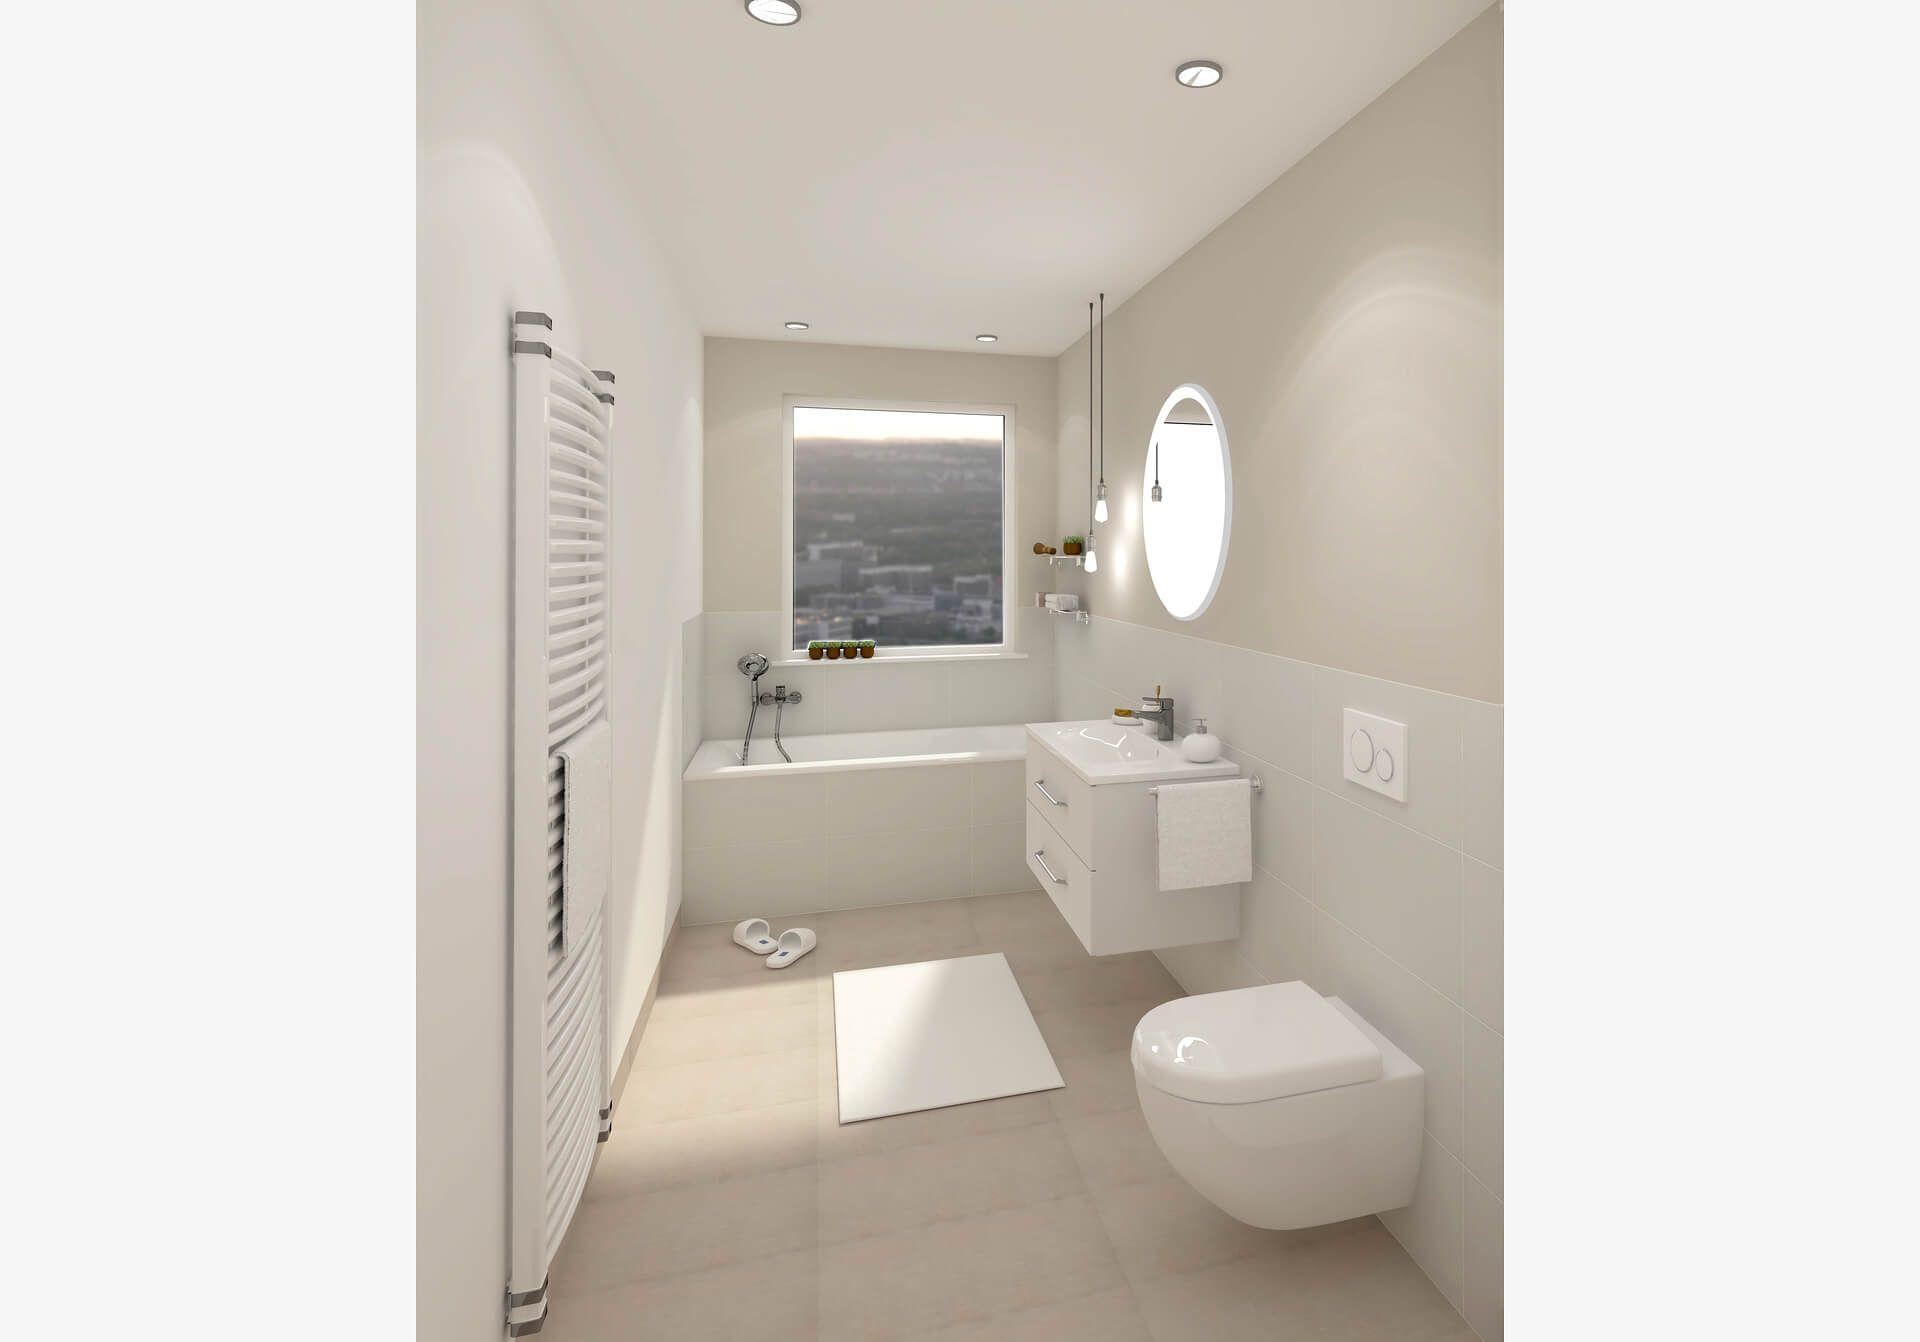 Badplaner Jetzt Badezimmer Planen Mit Obi Helle Badezimmer Badezimmer Gestalten Badezimmer